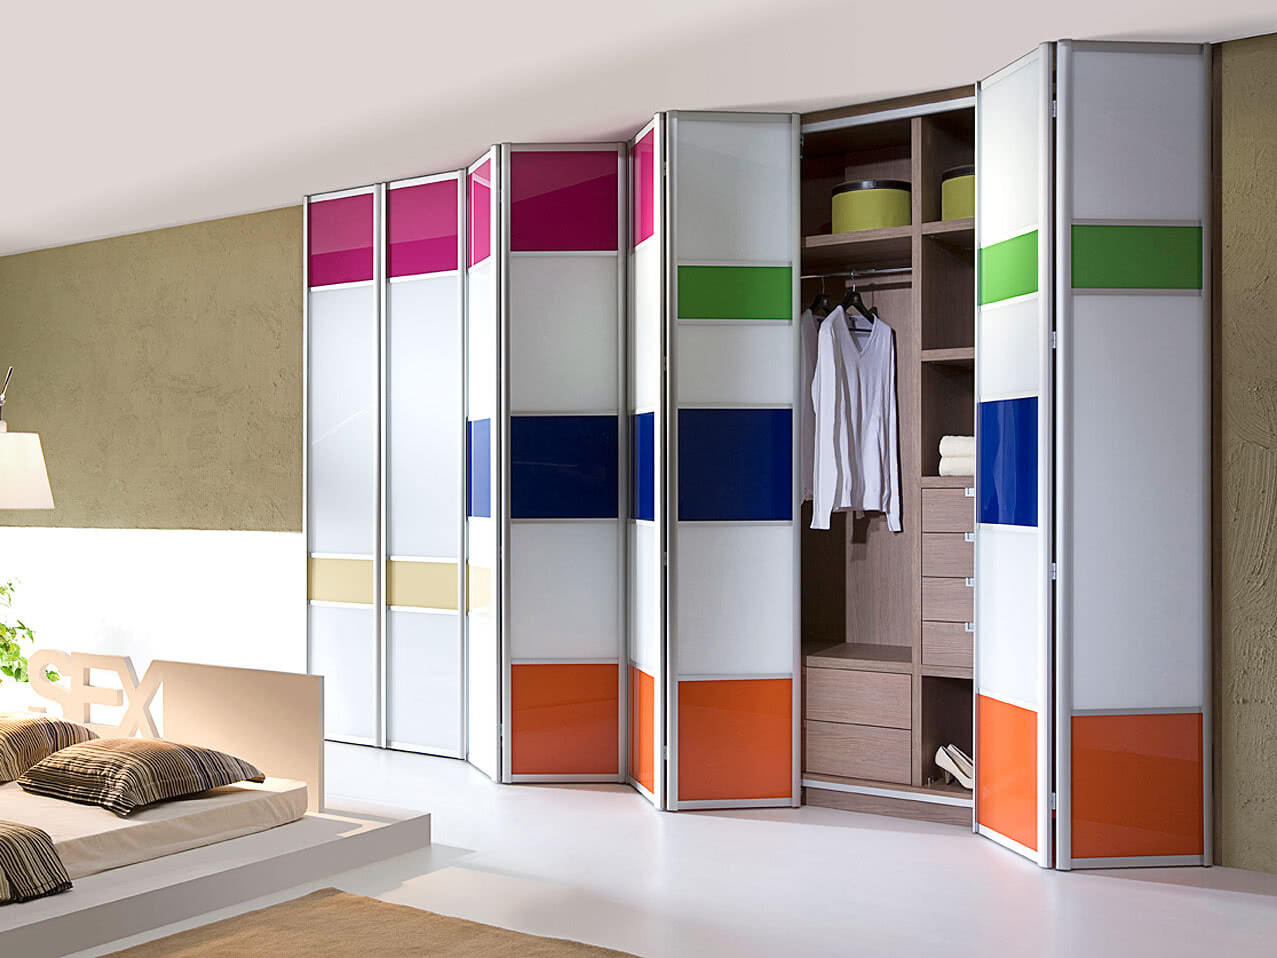 Складывающиеся двери для шкафа